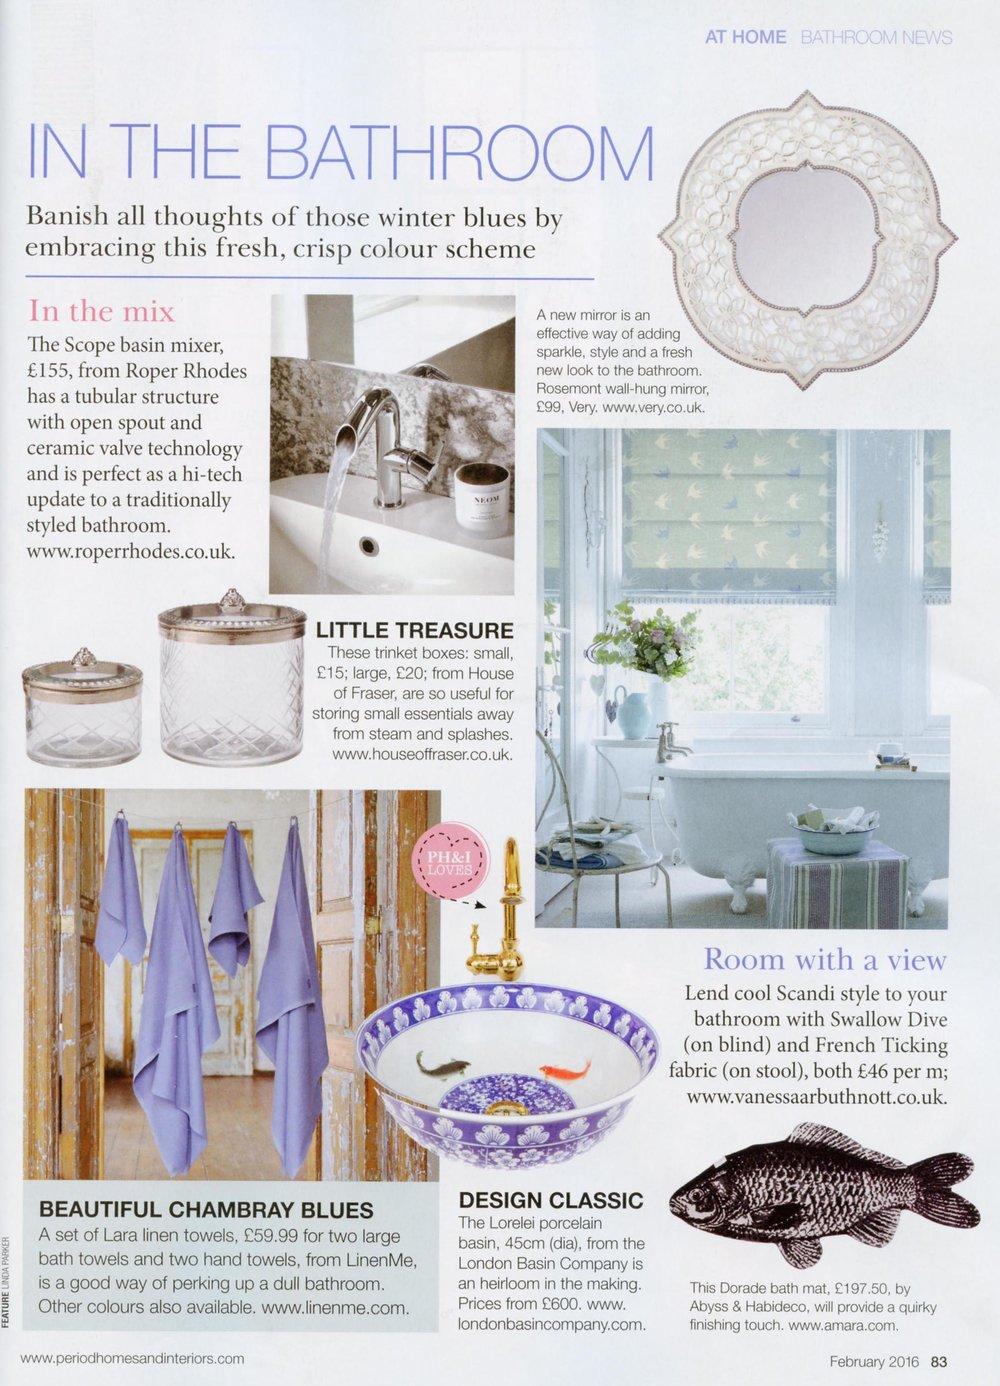 Period Homes & Interiors February 2016 London Basin Company.jpg